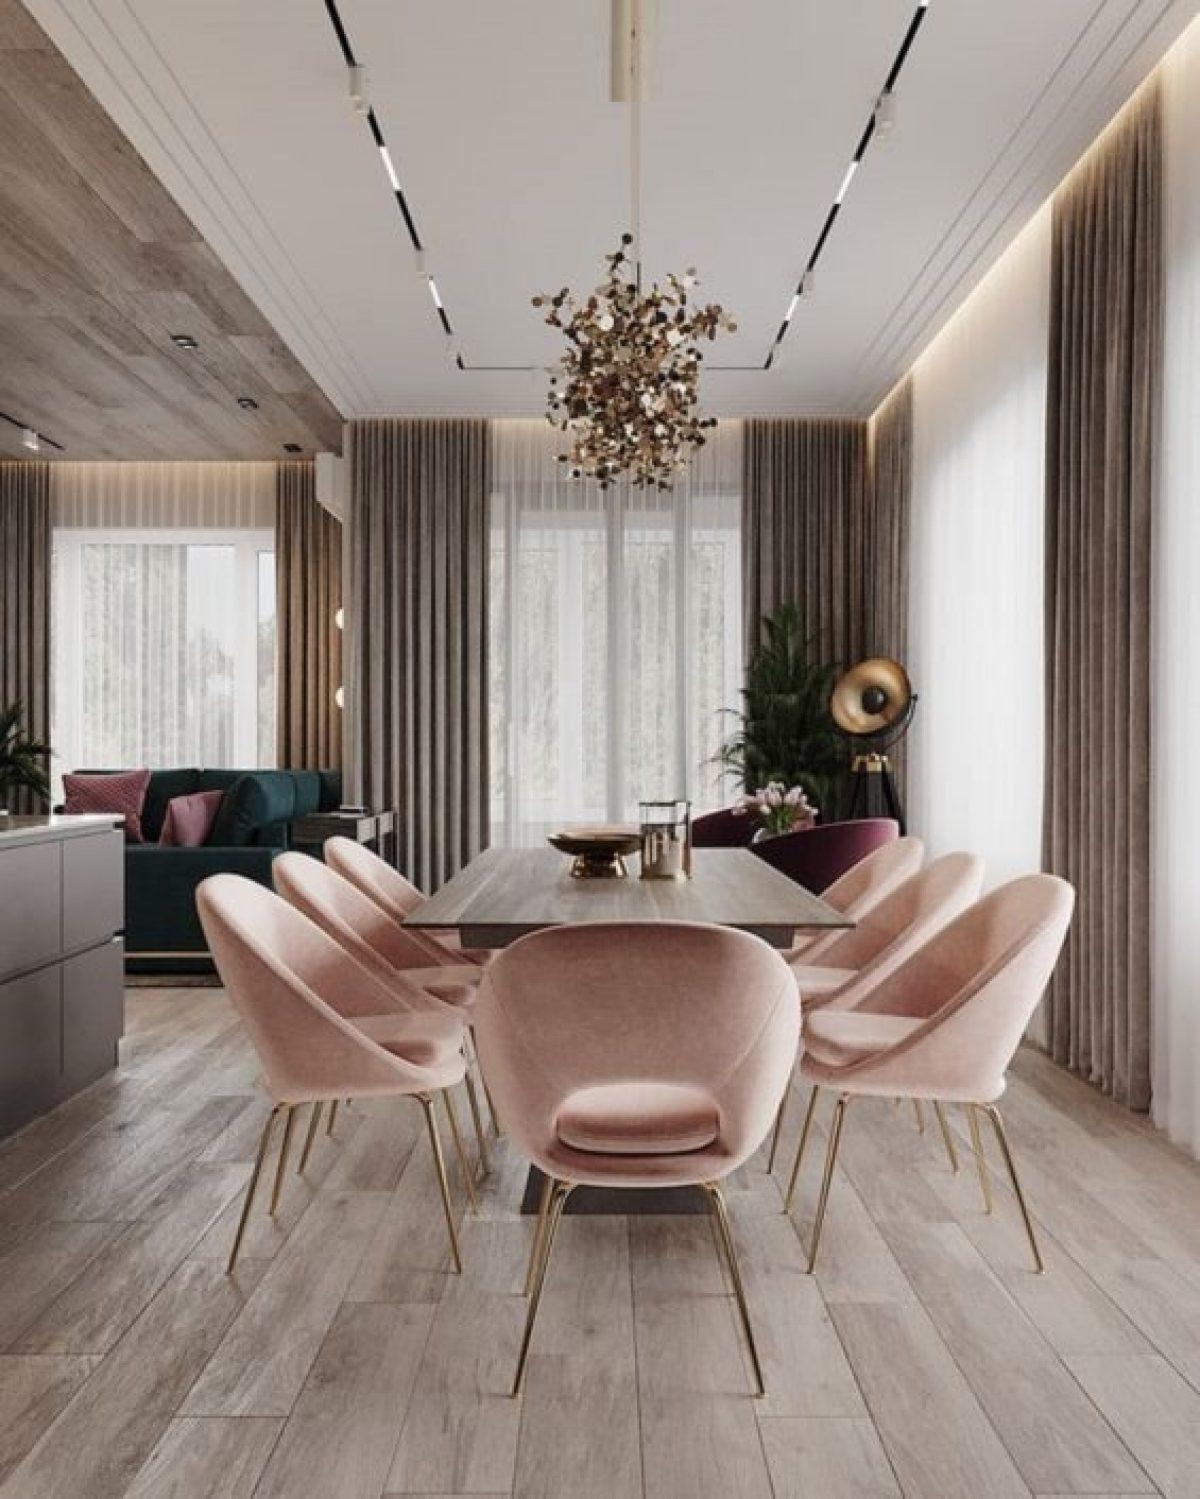 Desain Ruang Makan Minimalis Modern Terbaik Untuk Rumah Impian